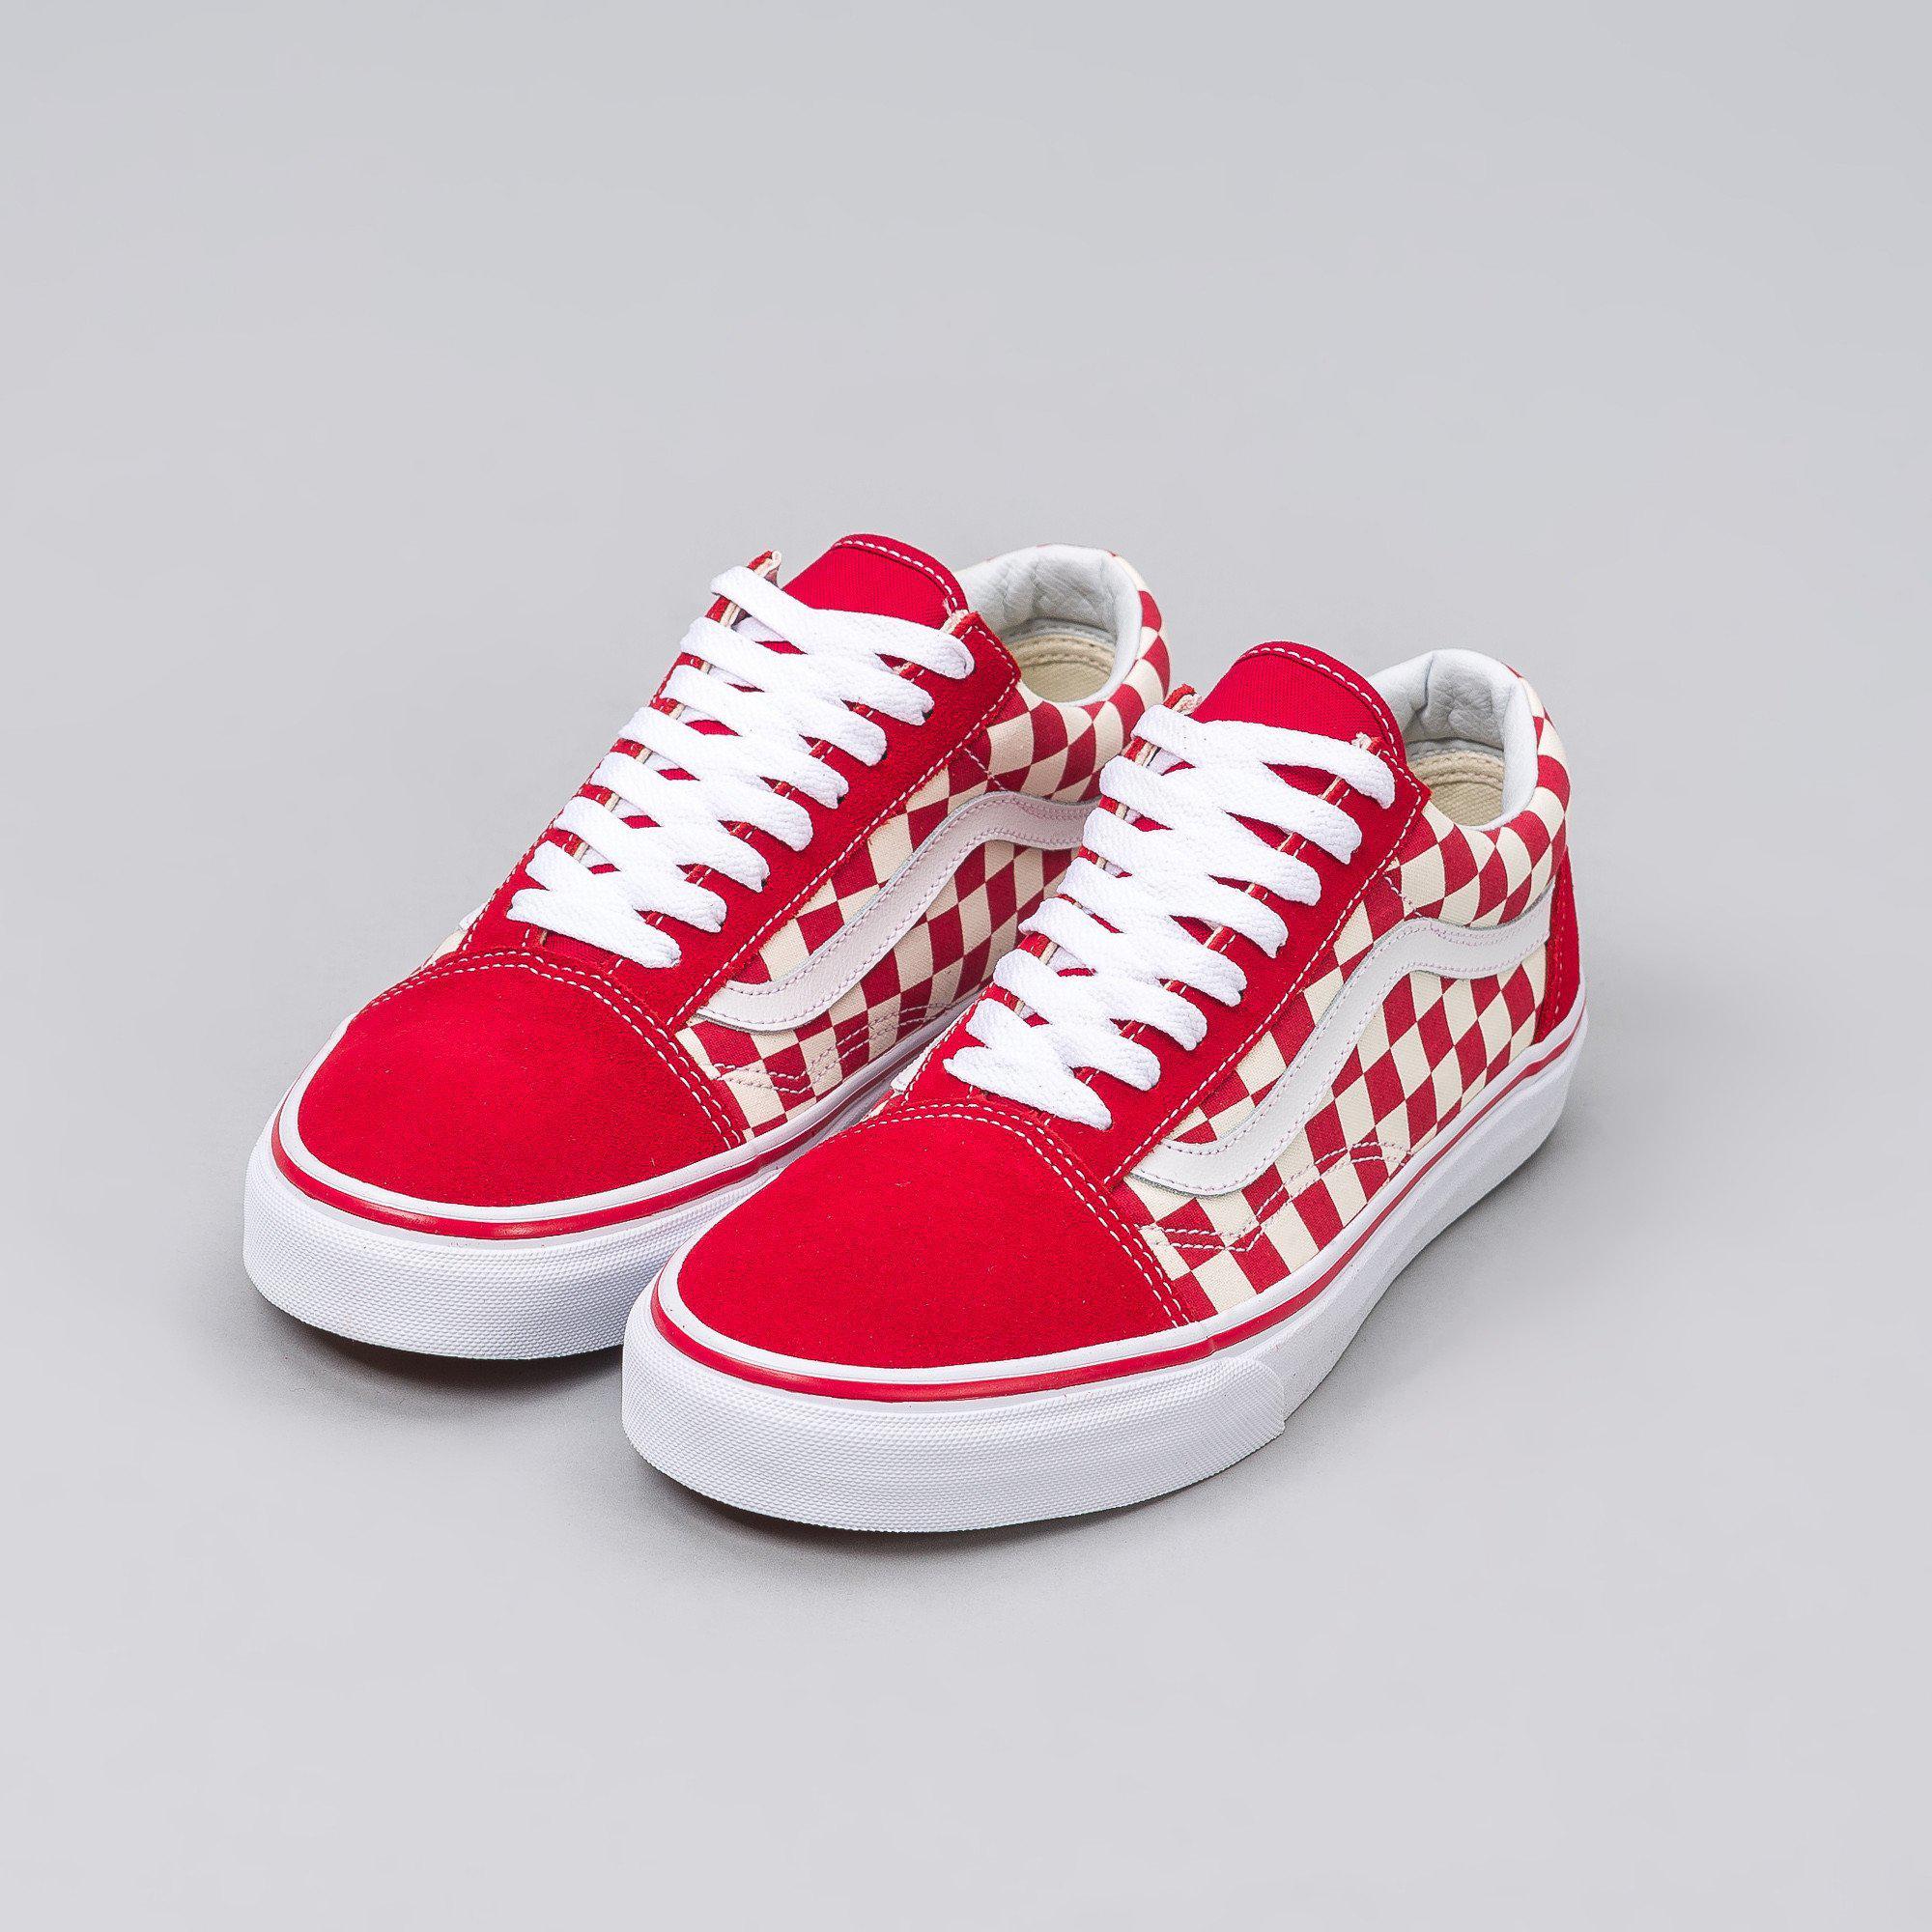 c457b4ec11b Lyst - Vans Old Skool Checkerboard In Red white in Red for Men